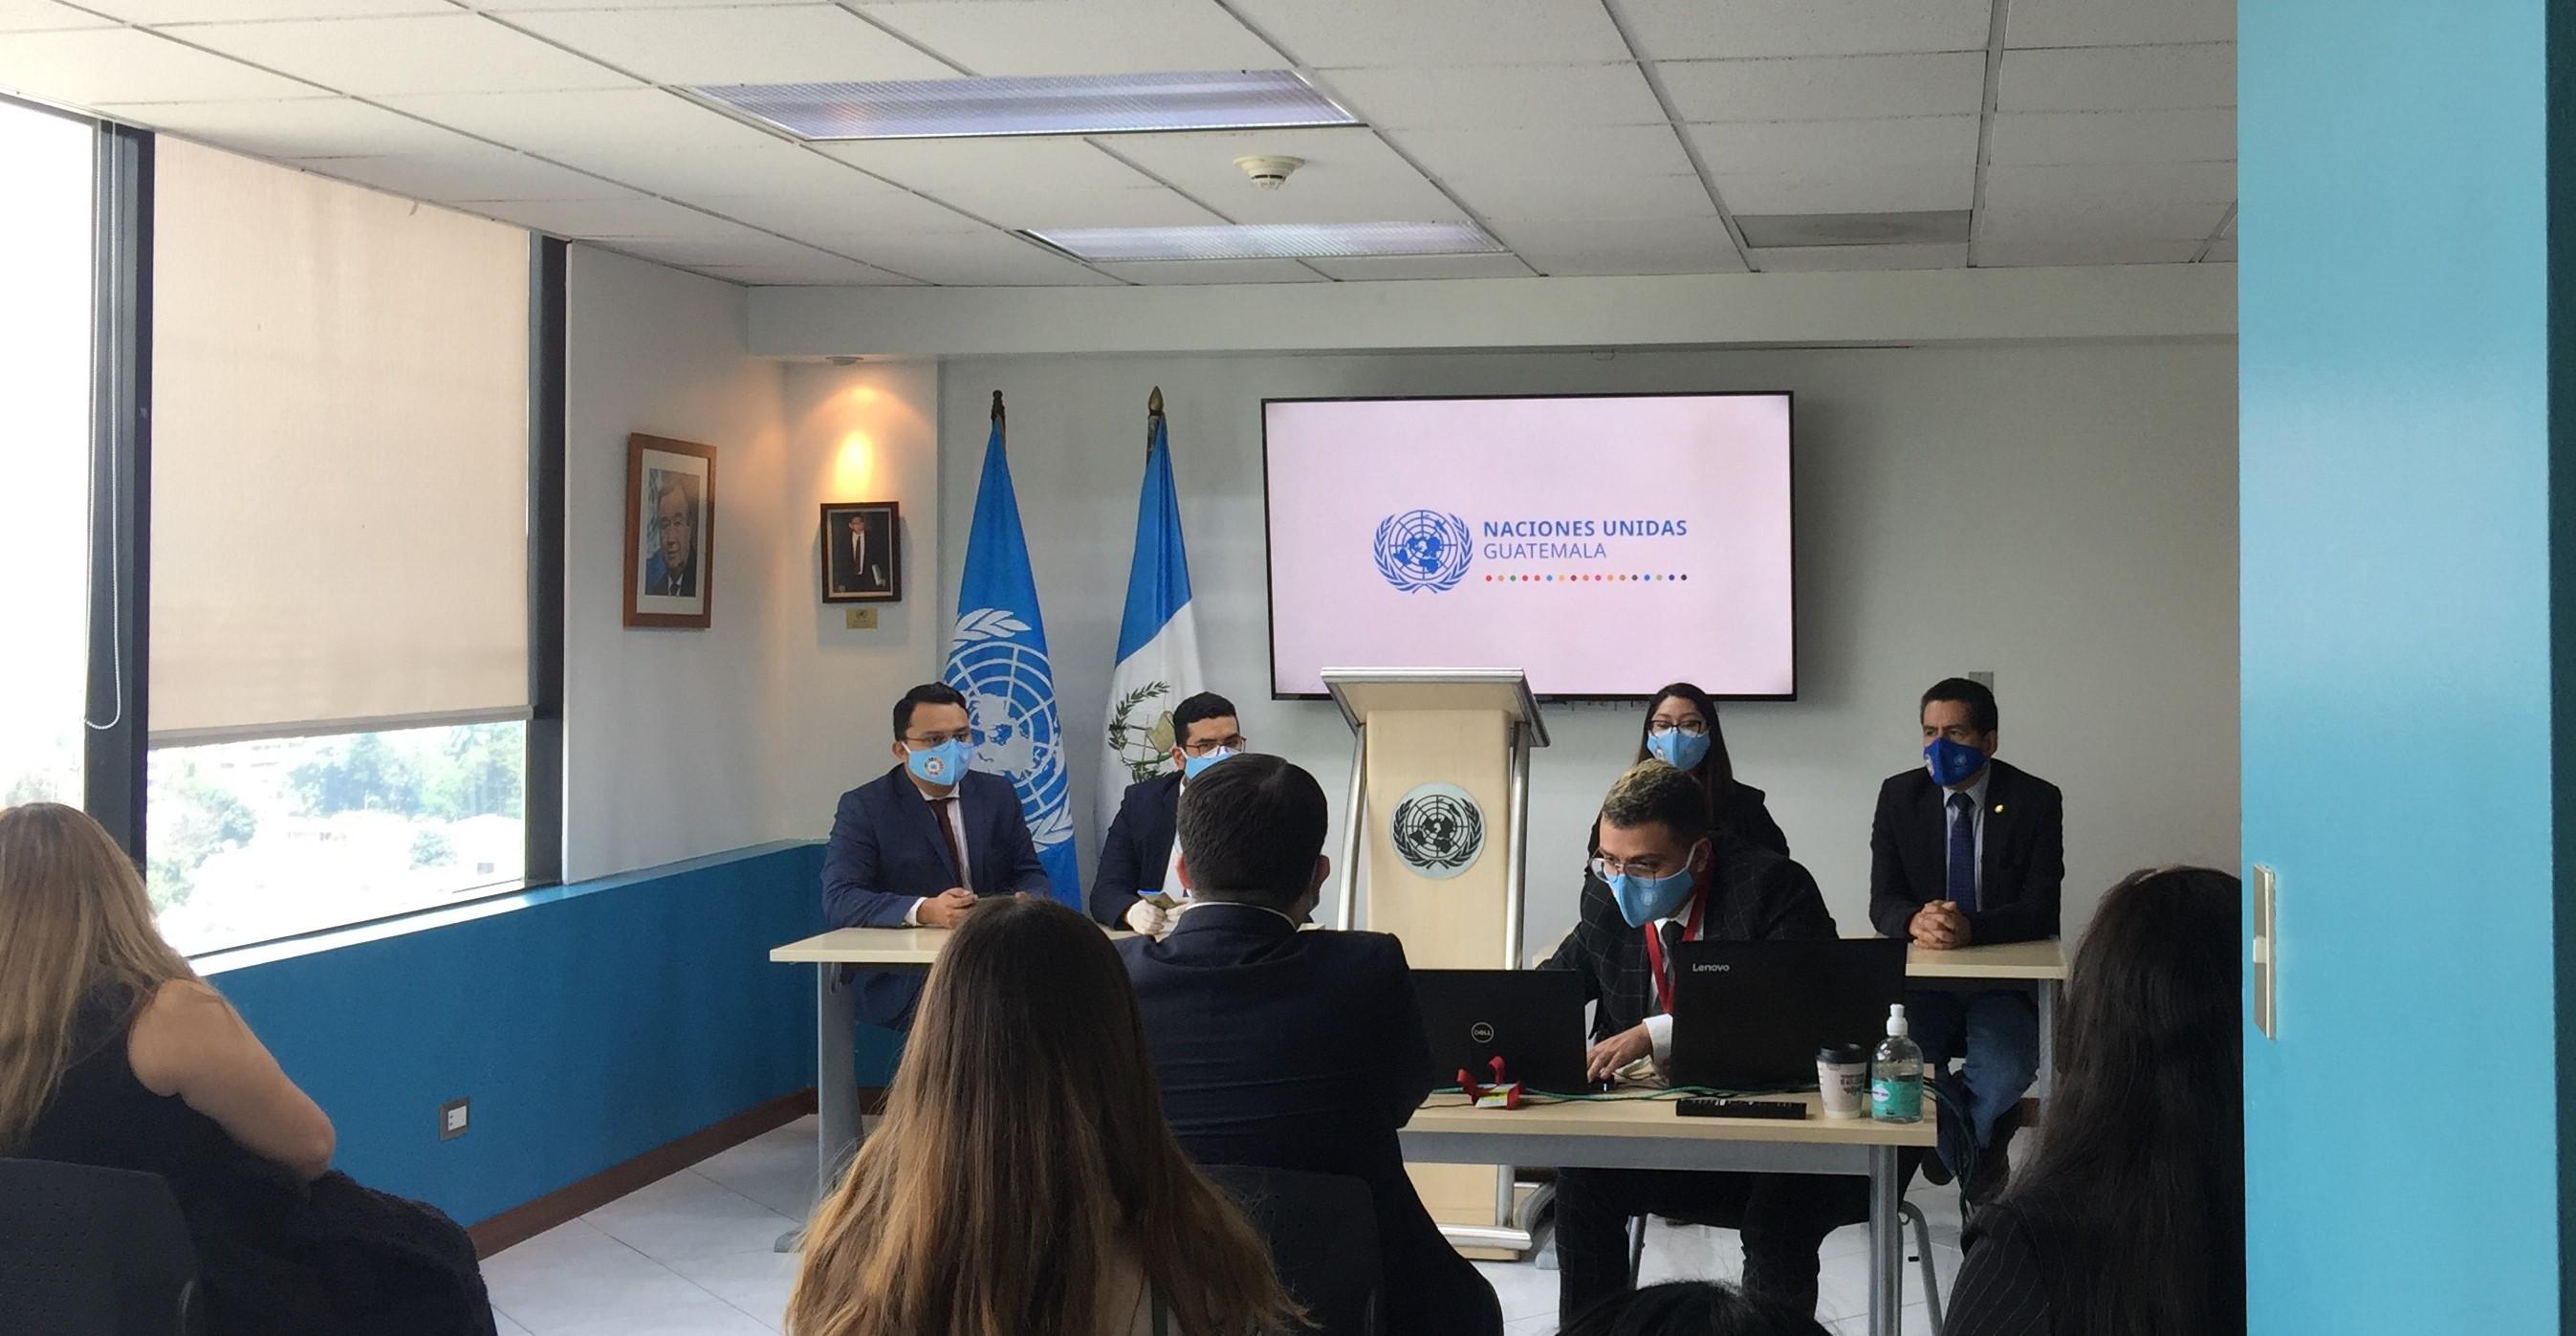 Modelos de Naciones Unidas